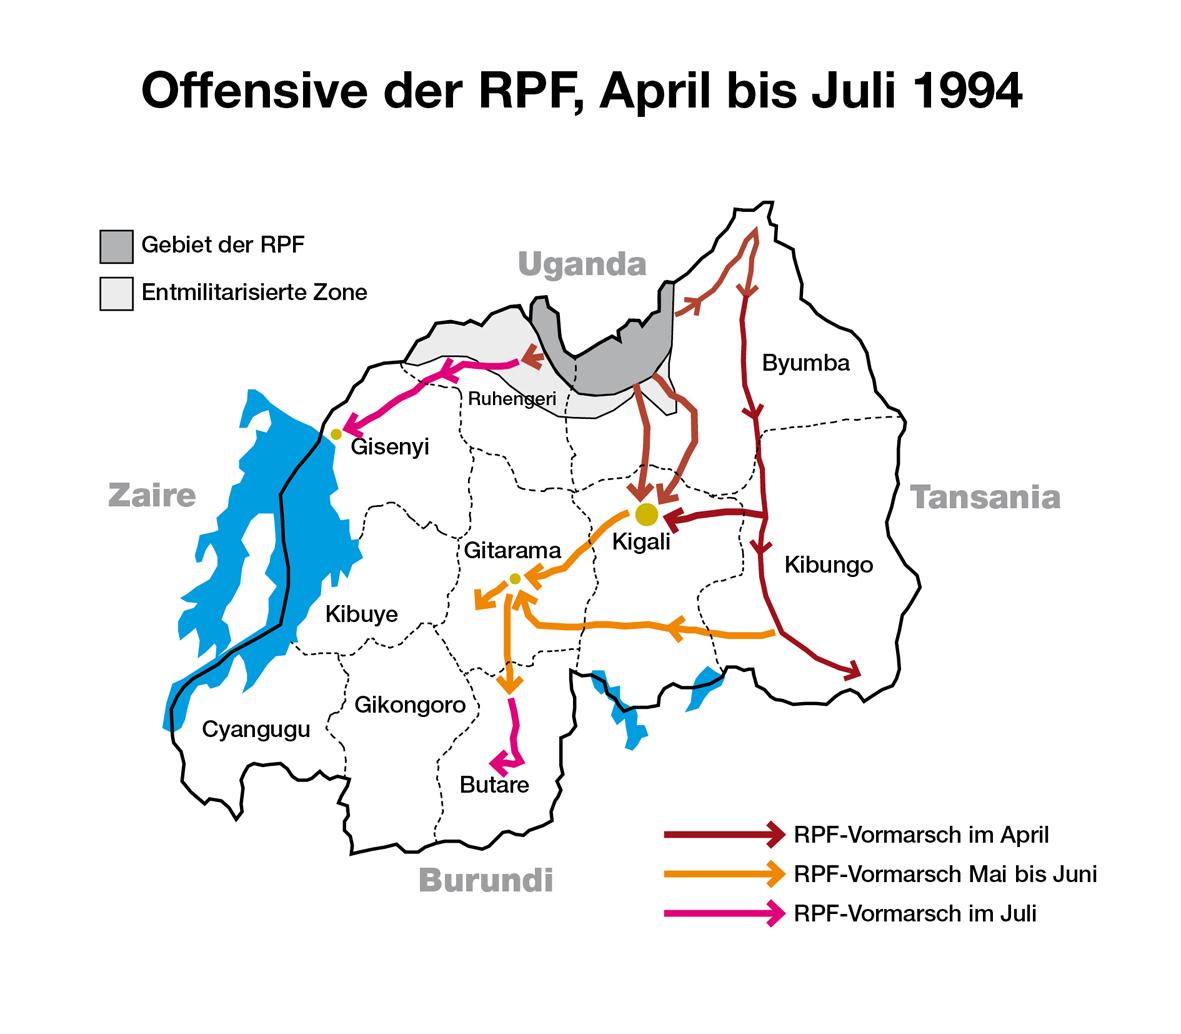 rpf_buergerkrieg_ruanda_1994